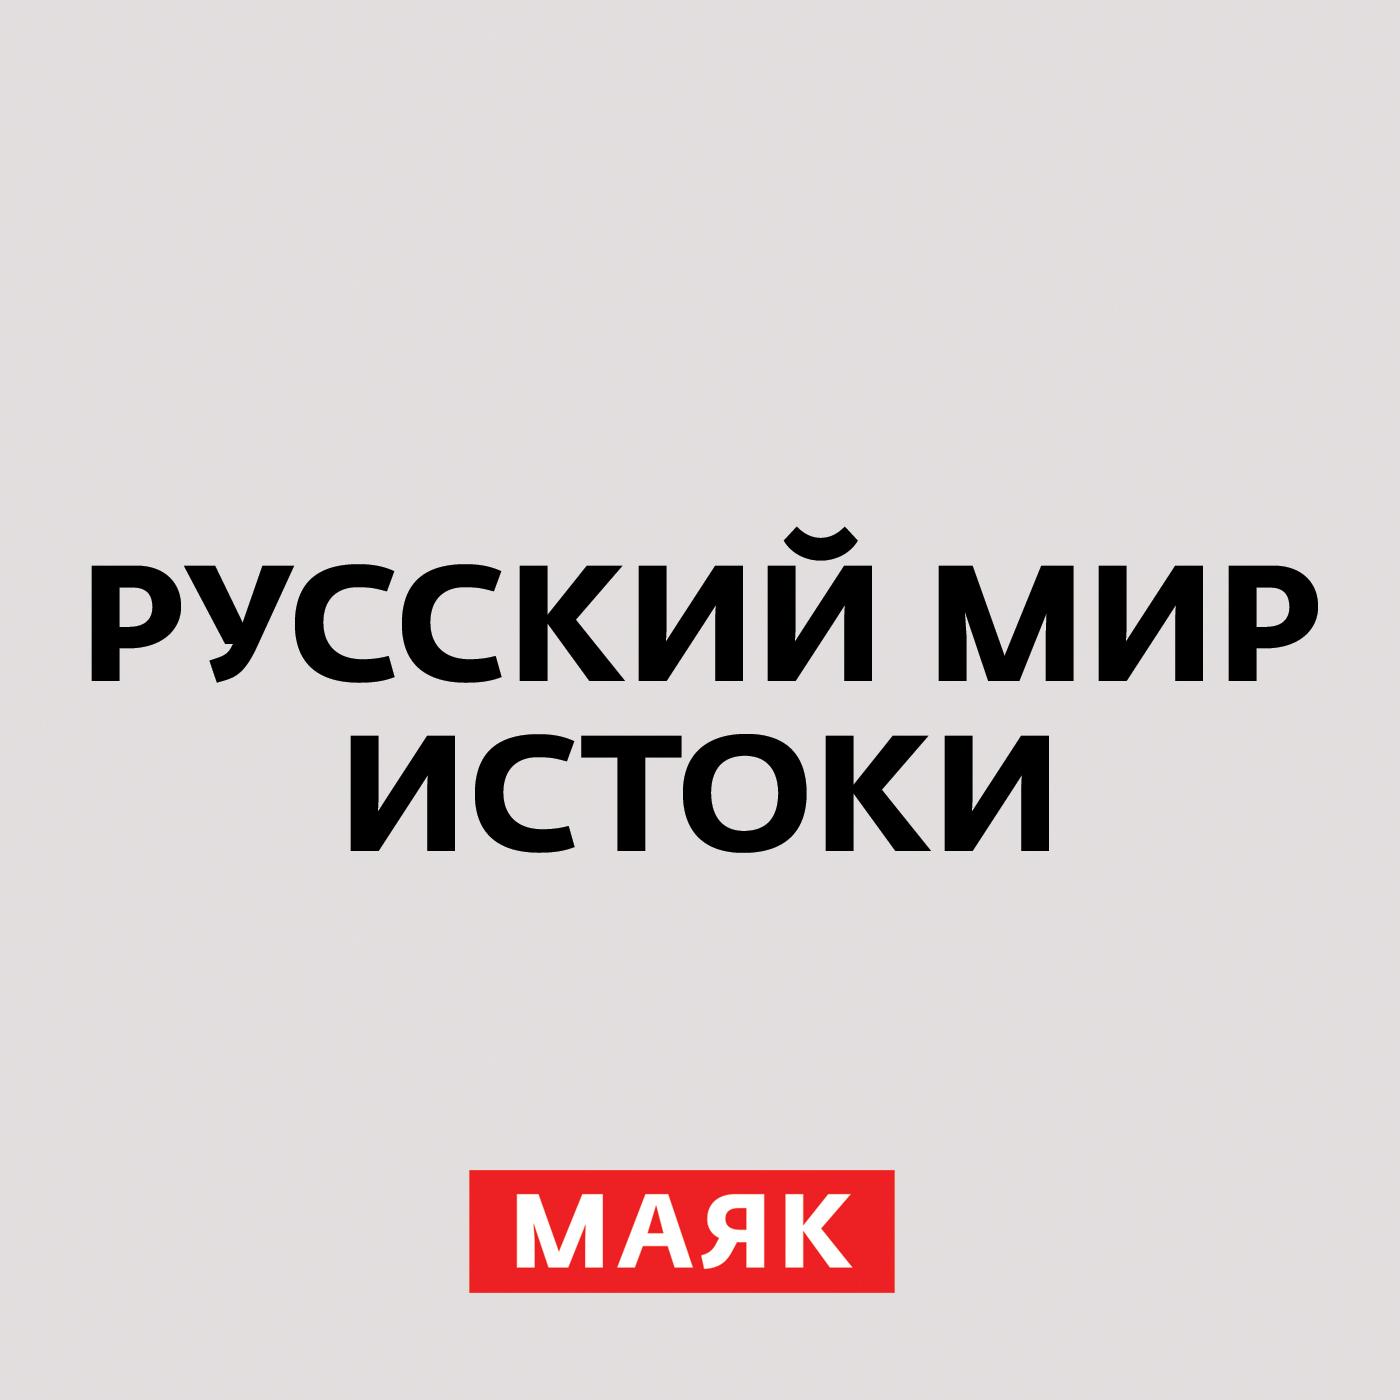 Творческий коллектив радио «Маяк» Екатерина II (часть 9) творческий коллектив радио маяк екатерина ii часть 6